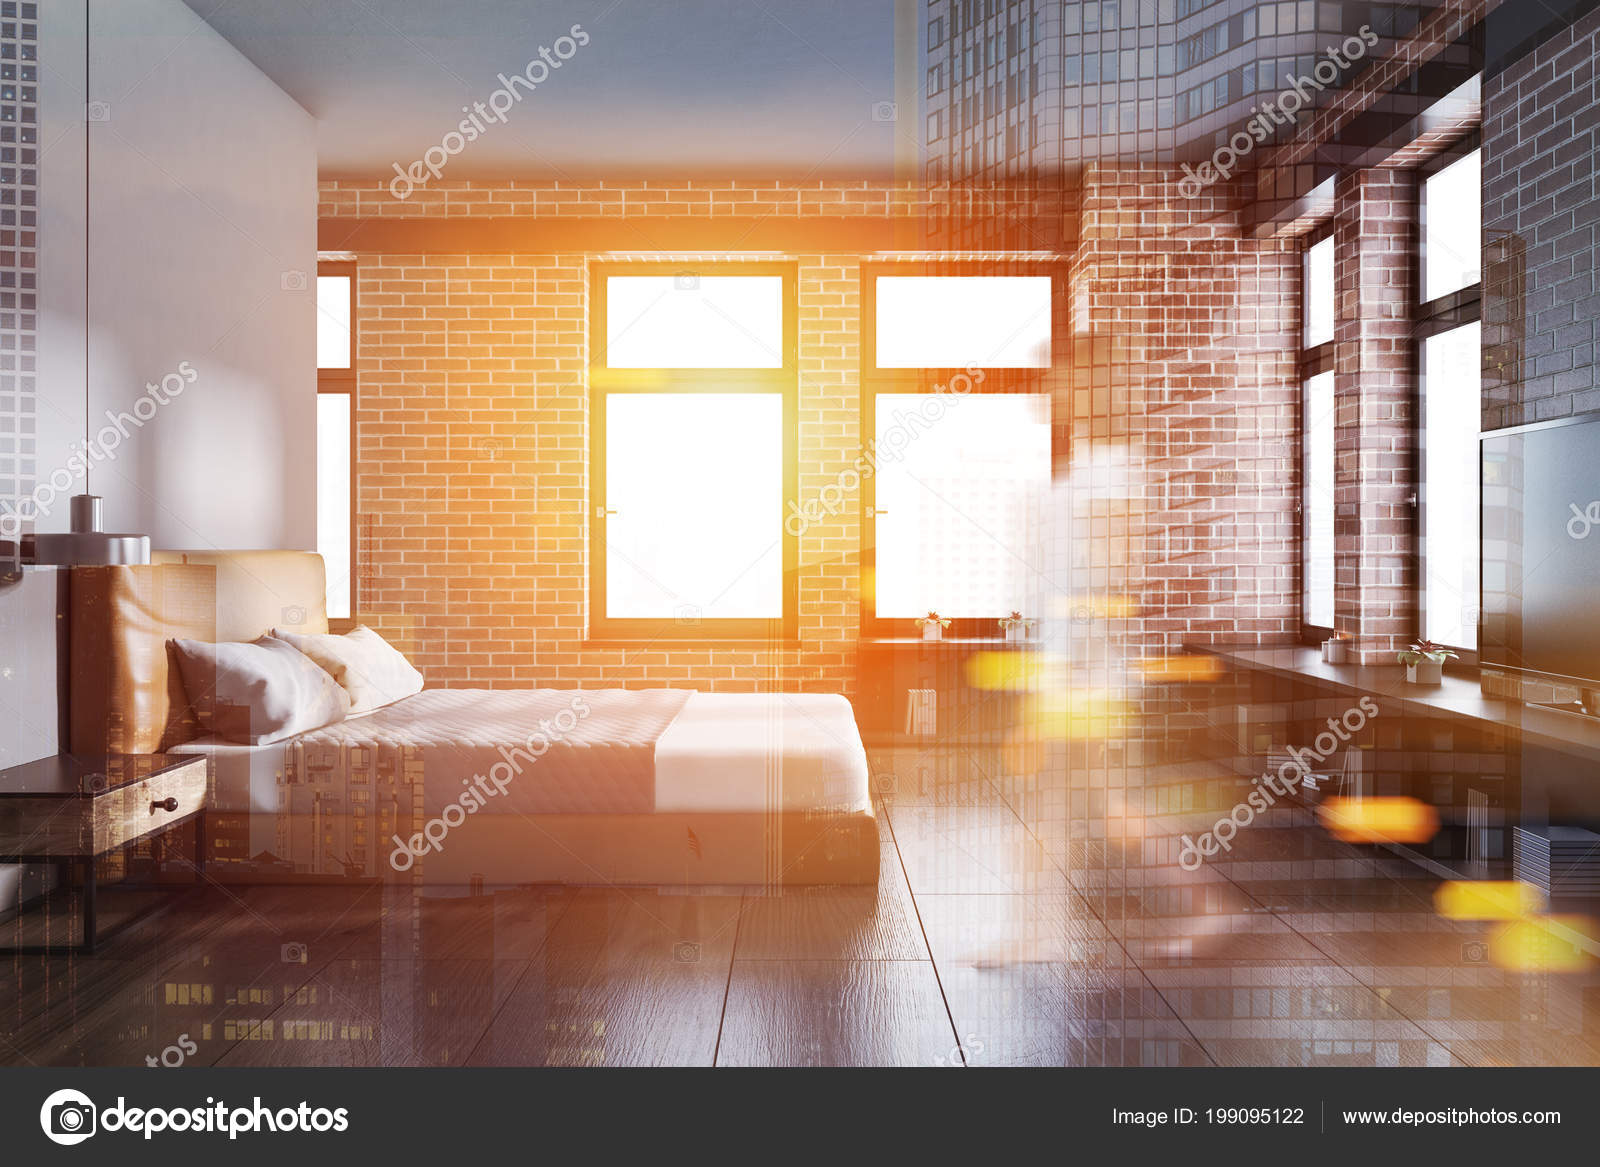 Femme Dans Intérieur Chambre Coucher Avec Des Murs Gris Brique ...